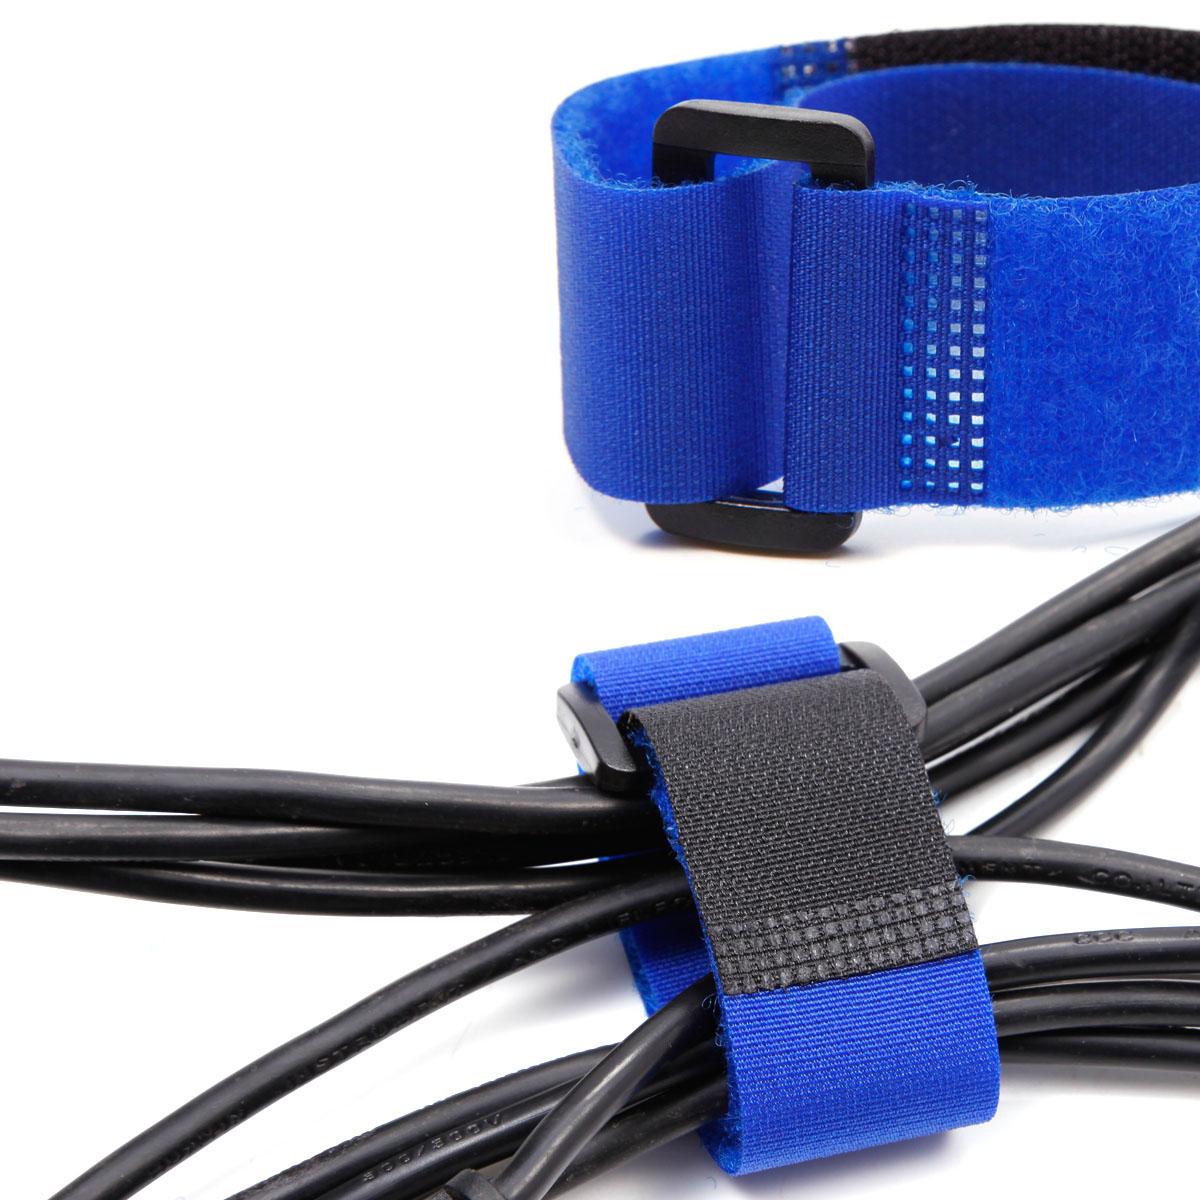 10x Fils rangement réglable fermeture attache Cable Portable PC TV bleu   eBay